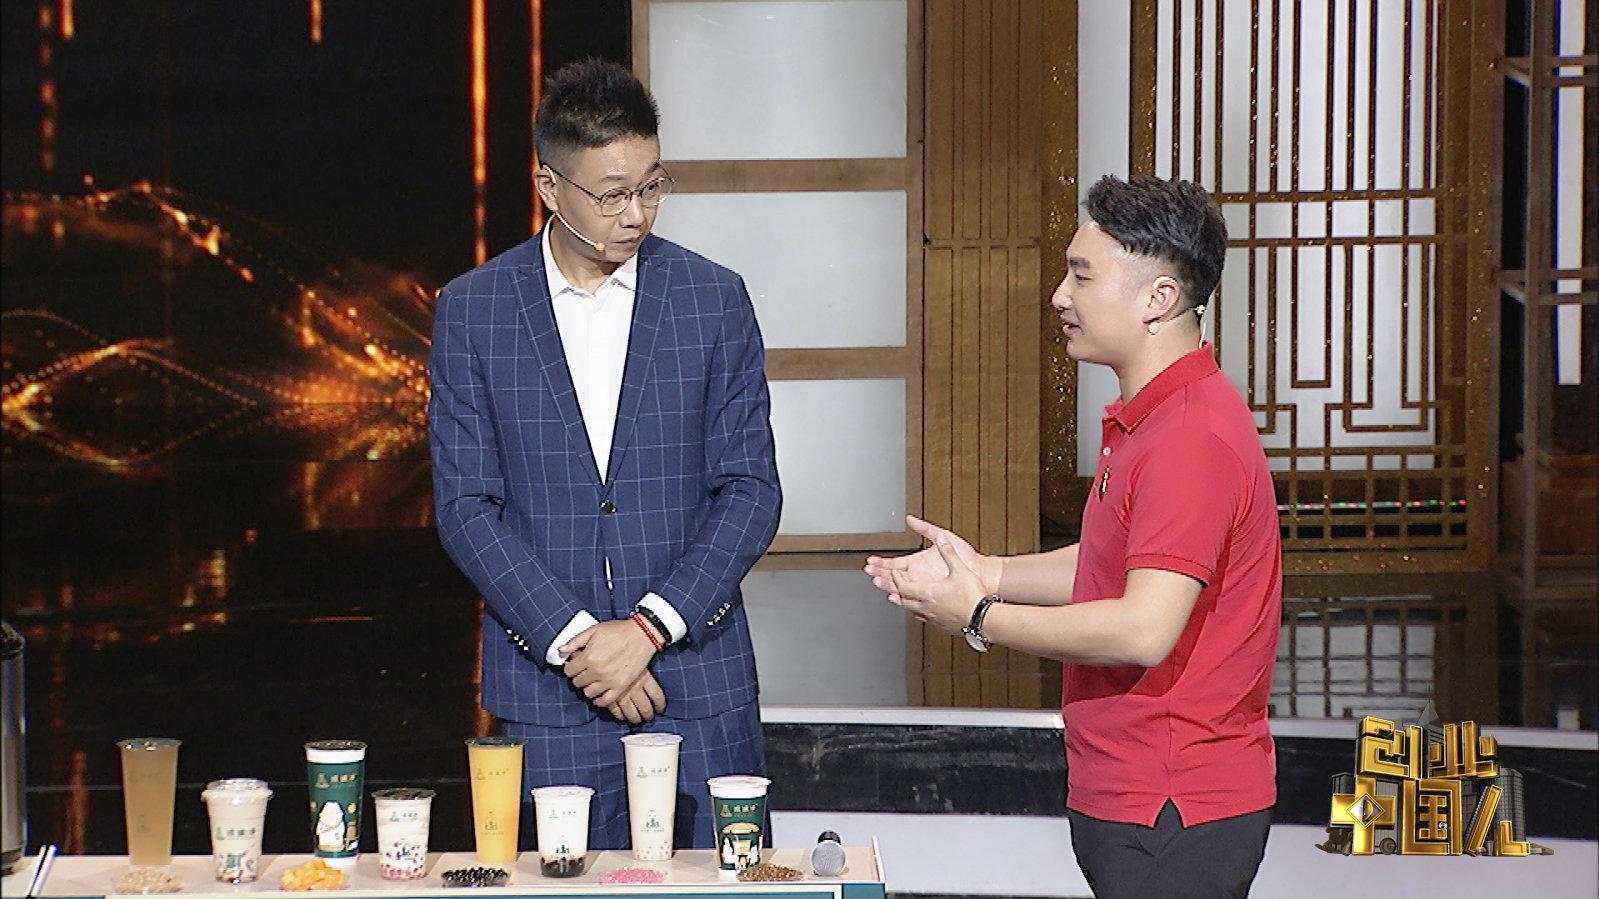 奶茶是一种美好的迷恋~@琉璃净茶奶混合实验室 品牌创始人陈新辉带领